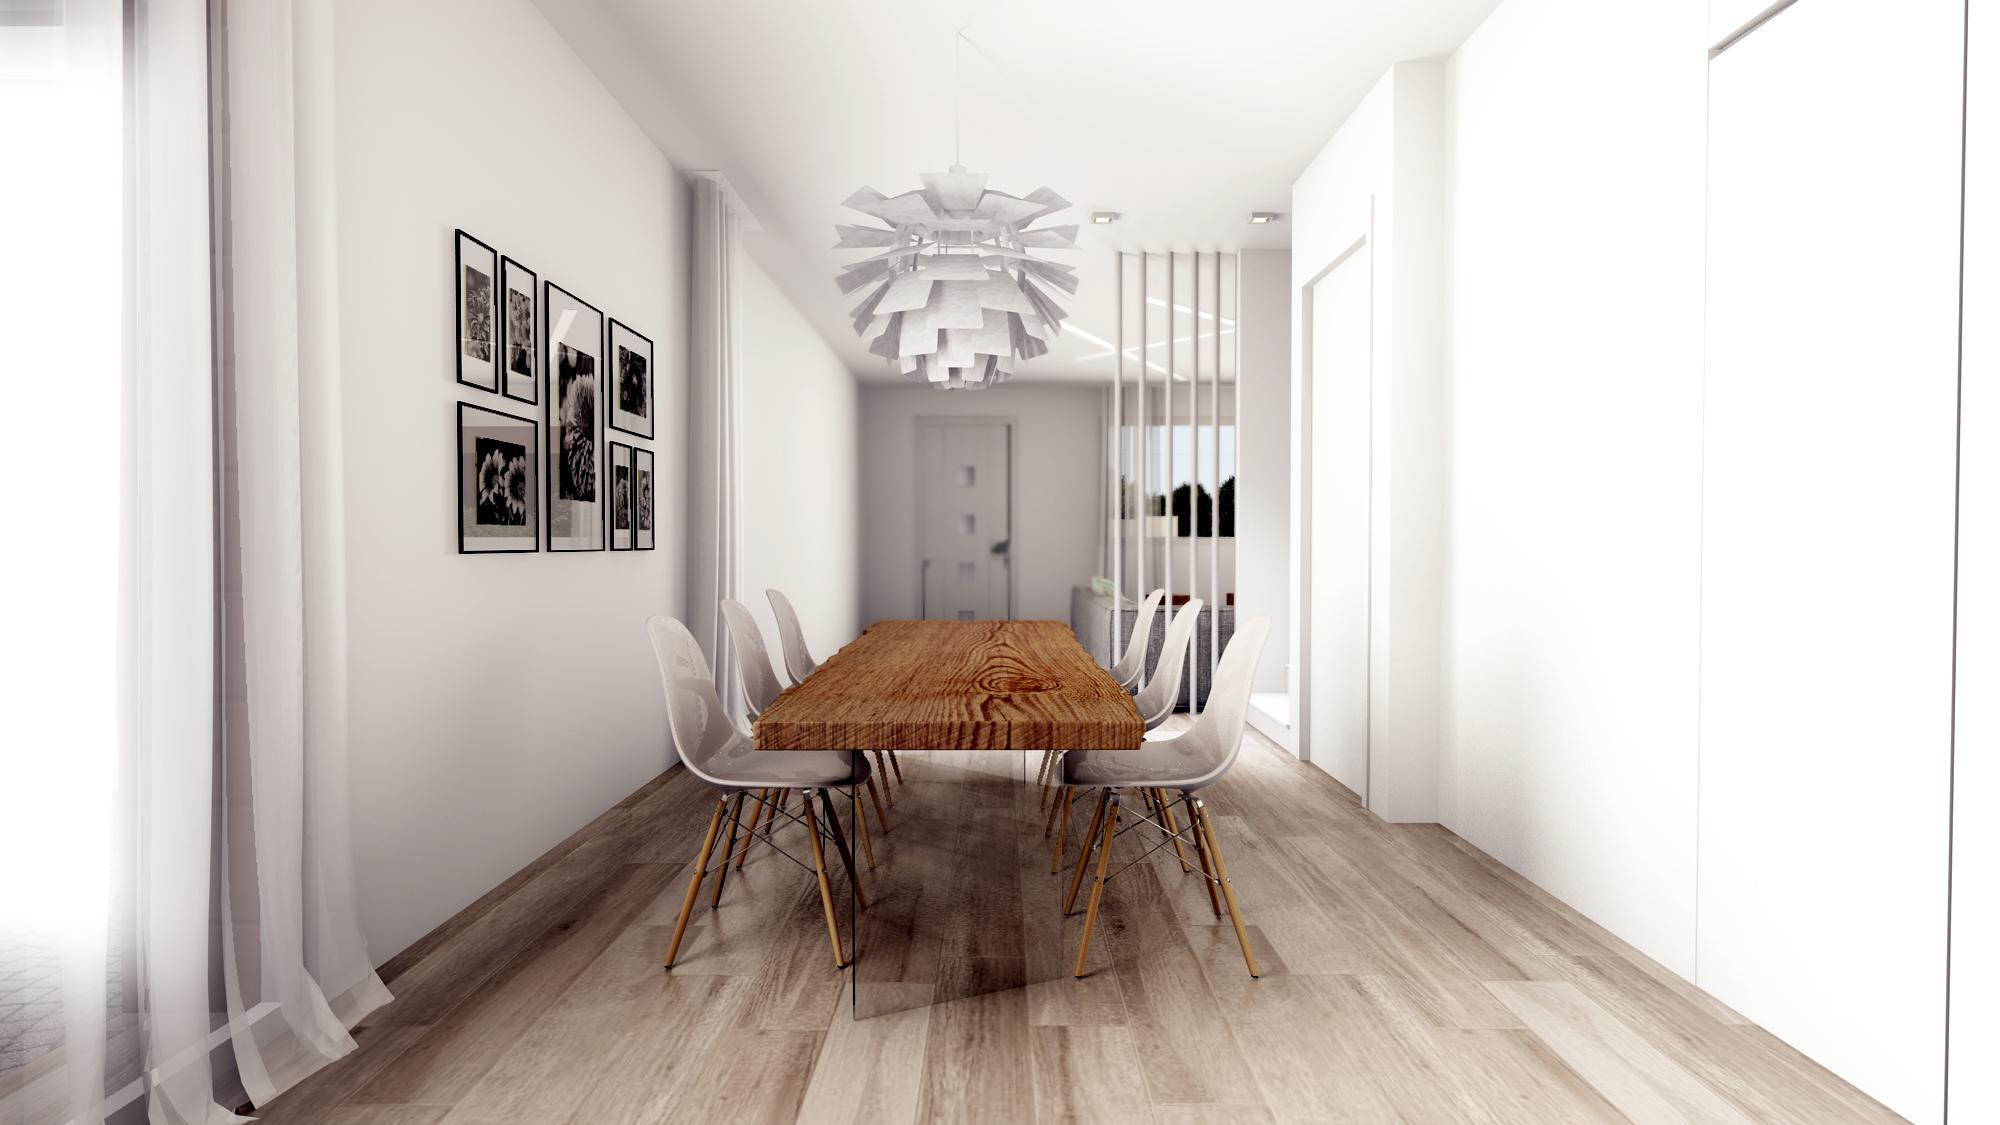 caravelle arcaro LOTTO 01 rendering INTERNO_1 DEF copia